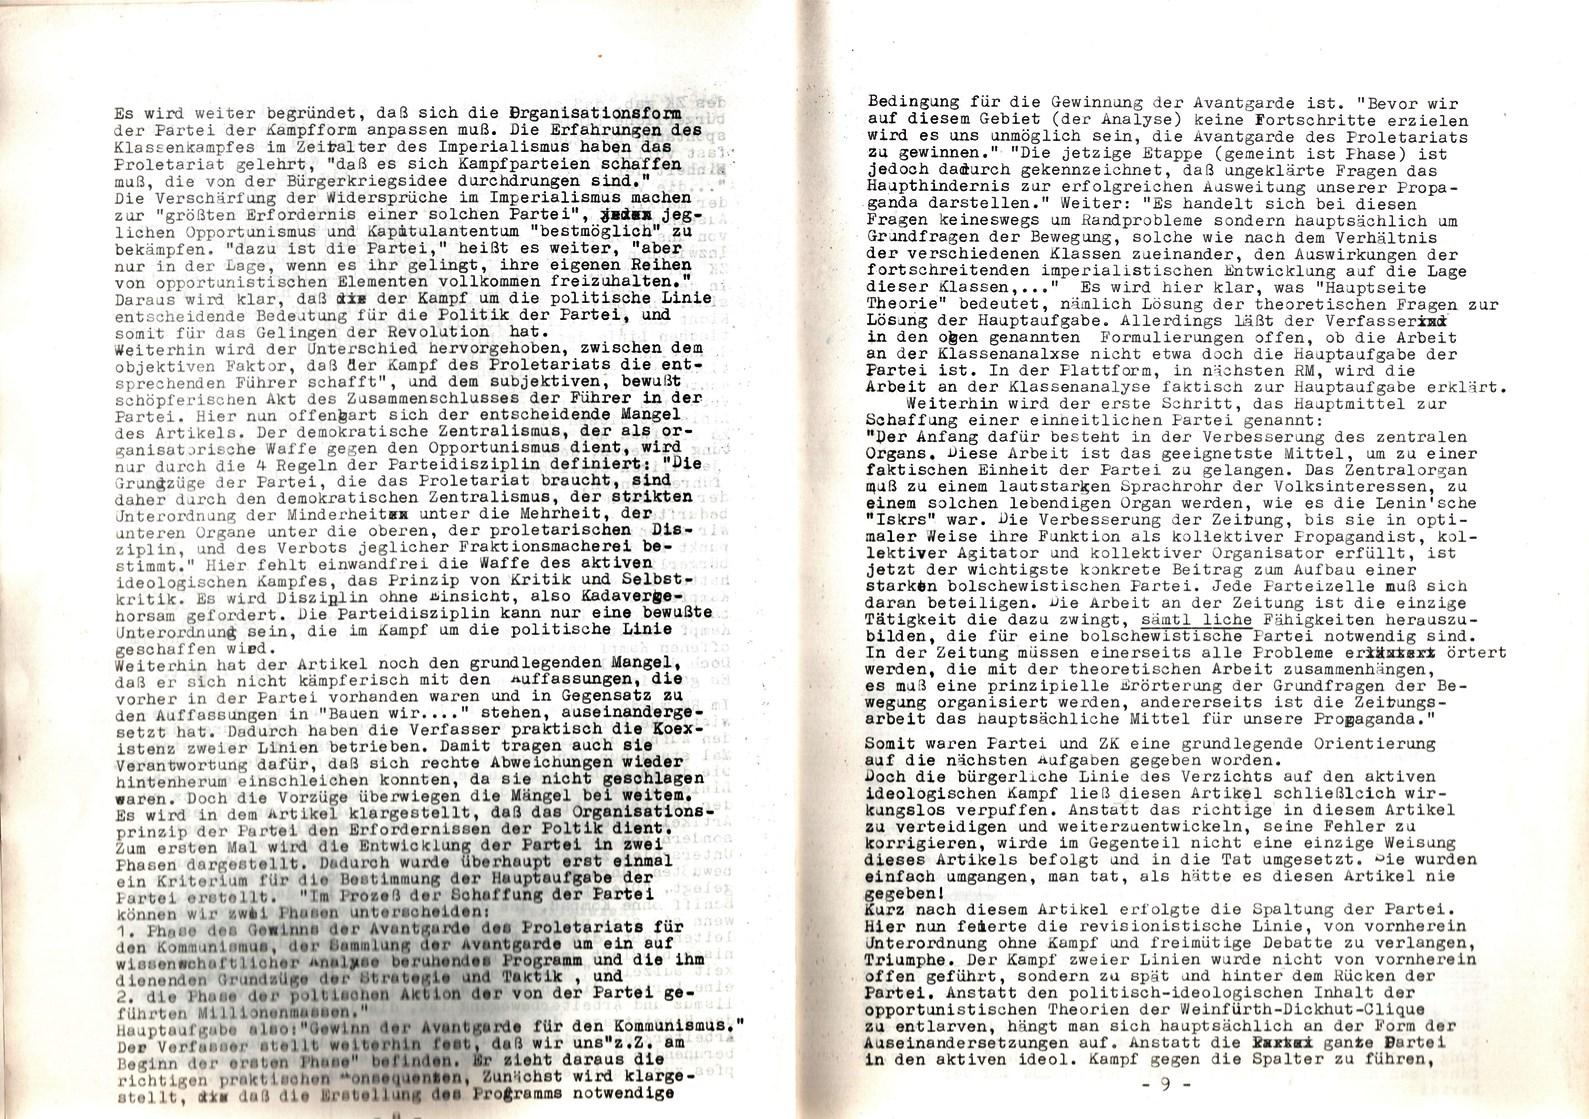 KPDML_1971_Analysen_und_Antraege_des_LV_Sued_West_009